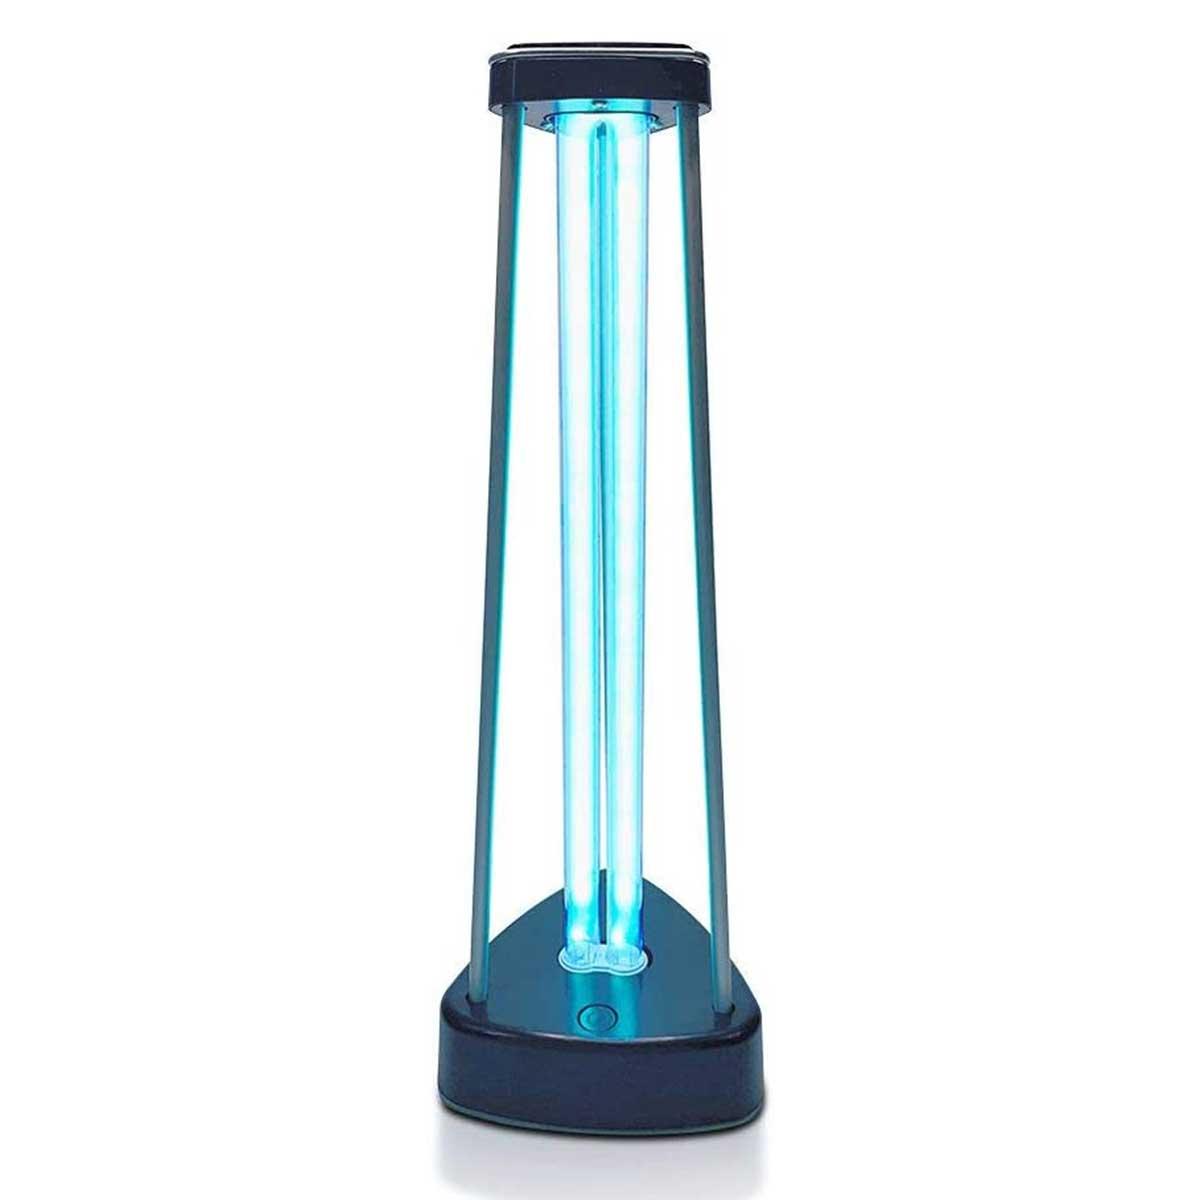 Lampada UV elettrica cattura insetti 40W luce blu V-TAC VT-3240